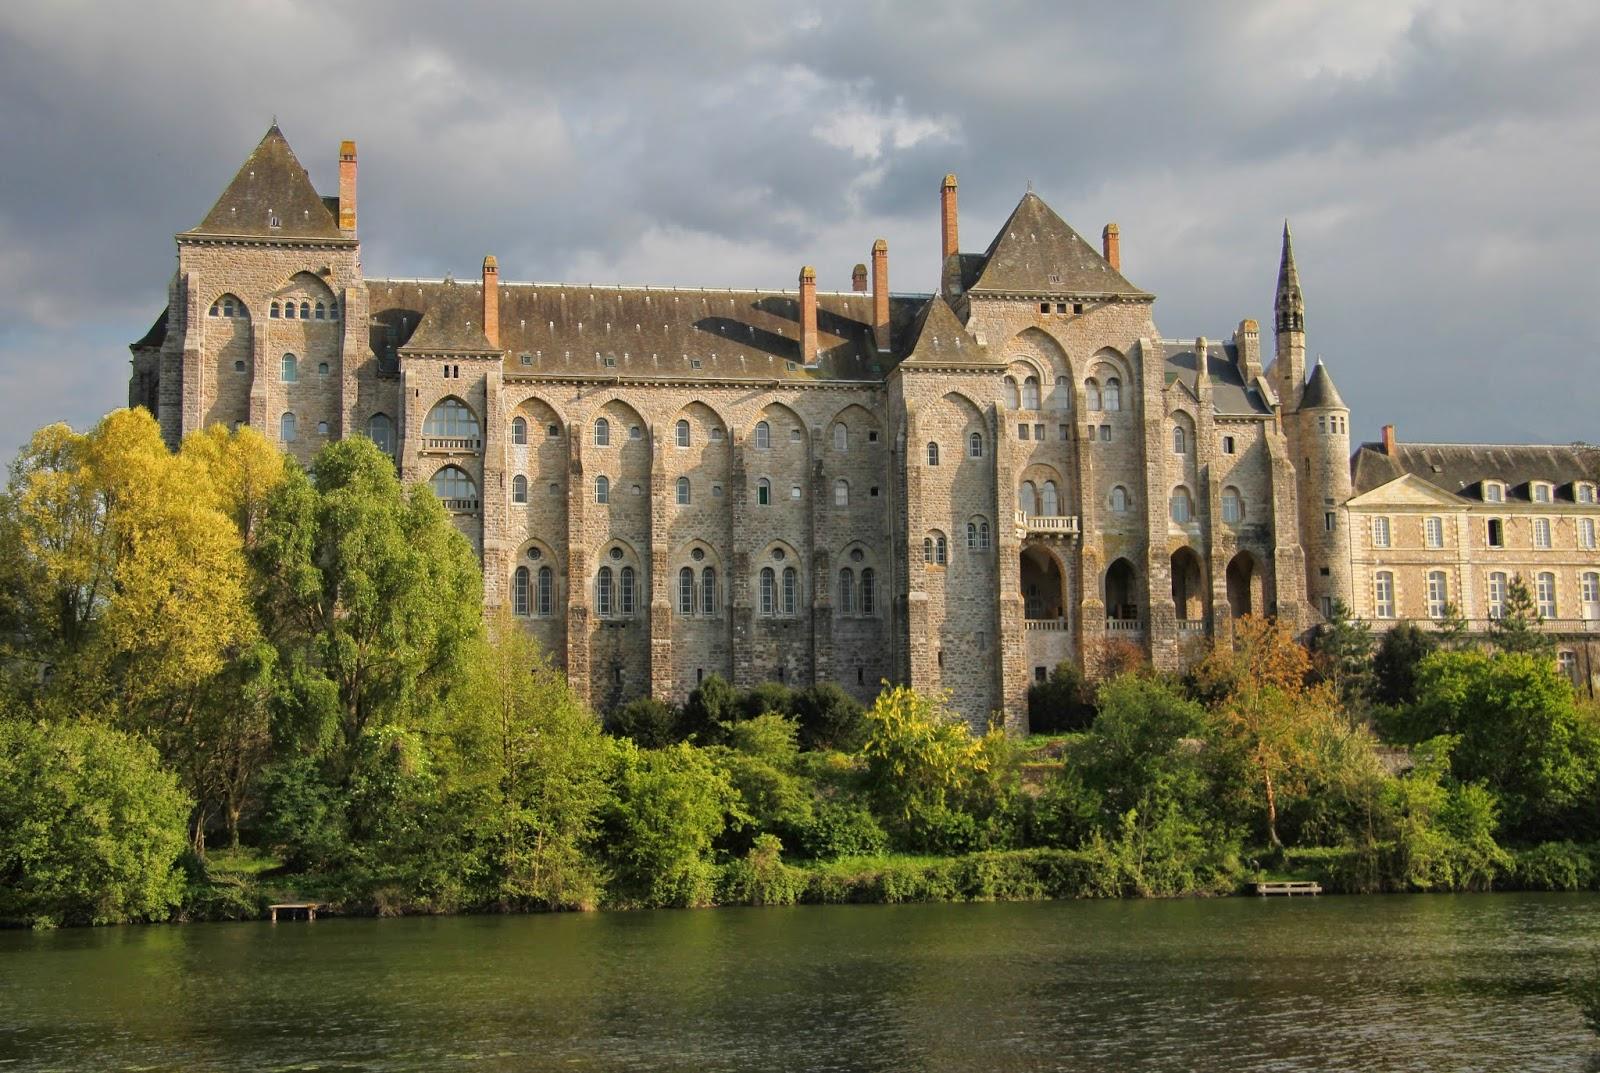 Merveilleux anjou abbaye saint pierre de solesmes - Abbaye de citeaux horaires des offices ...